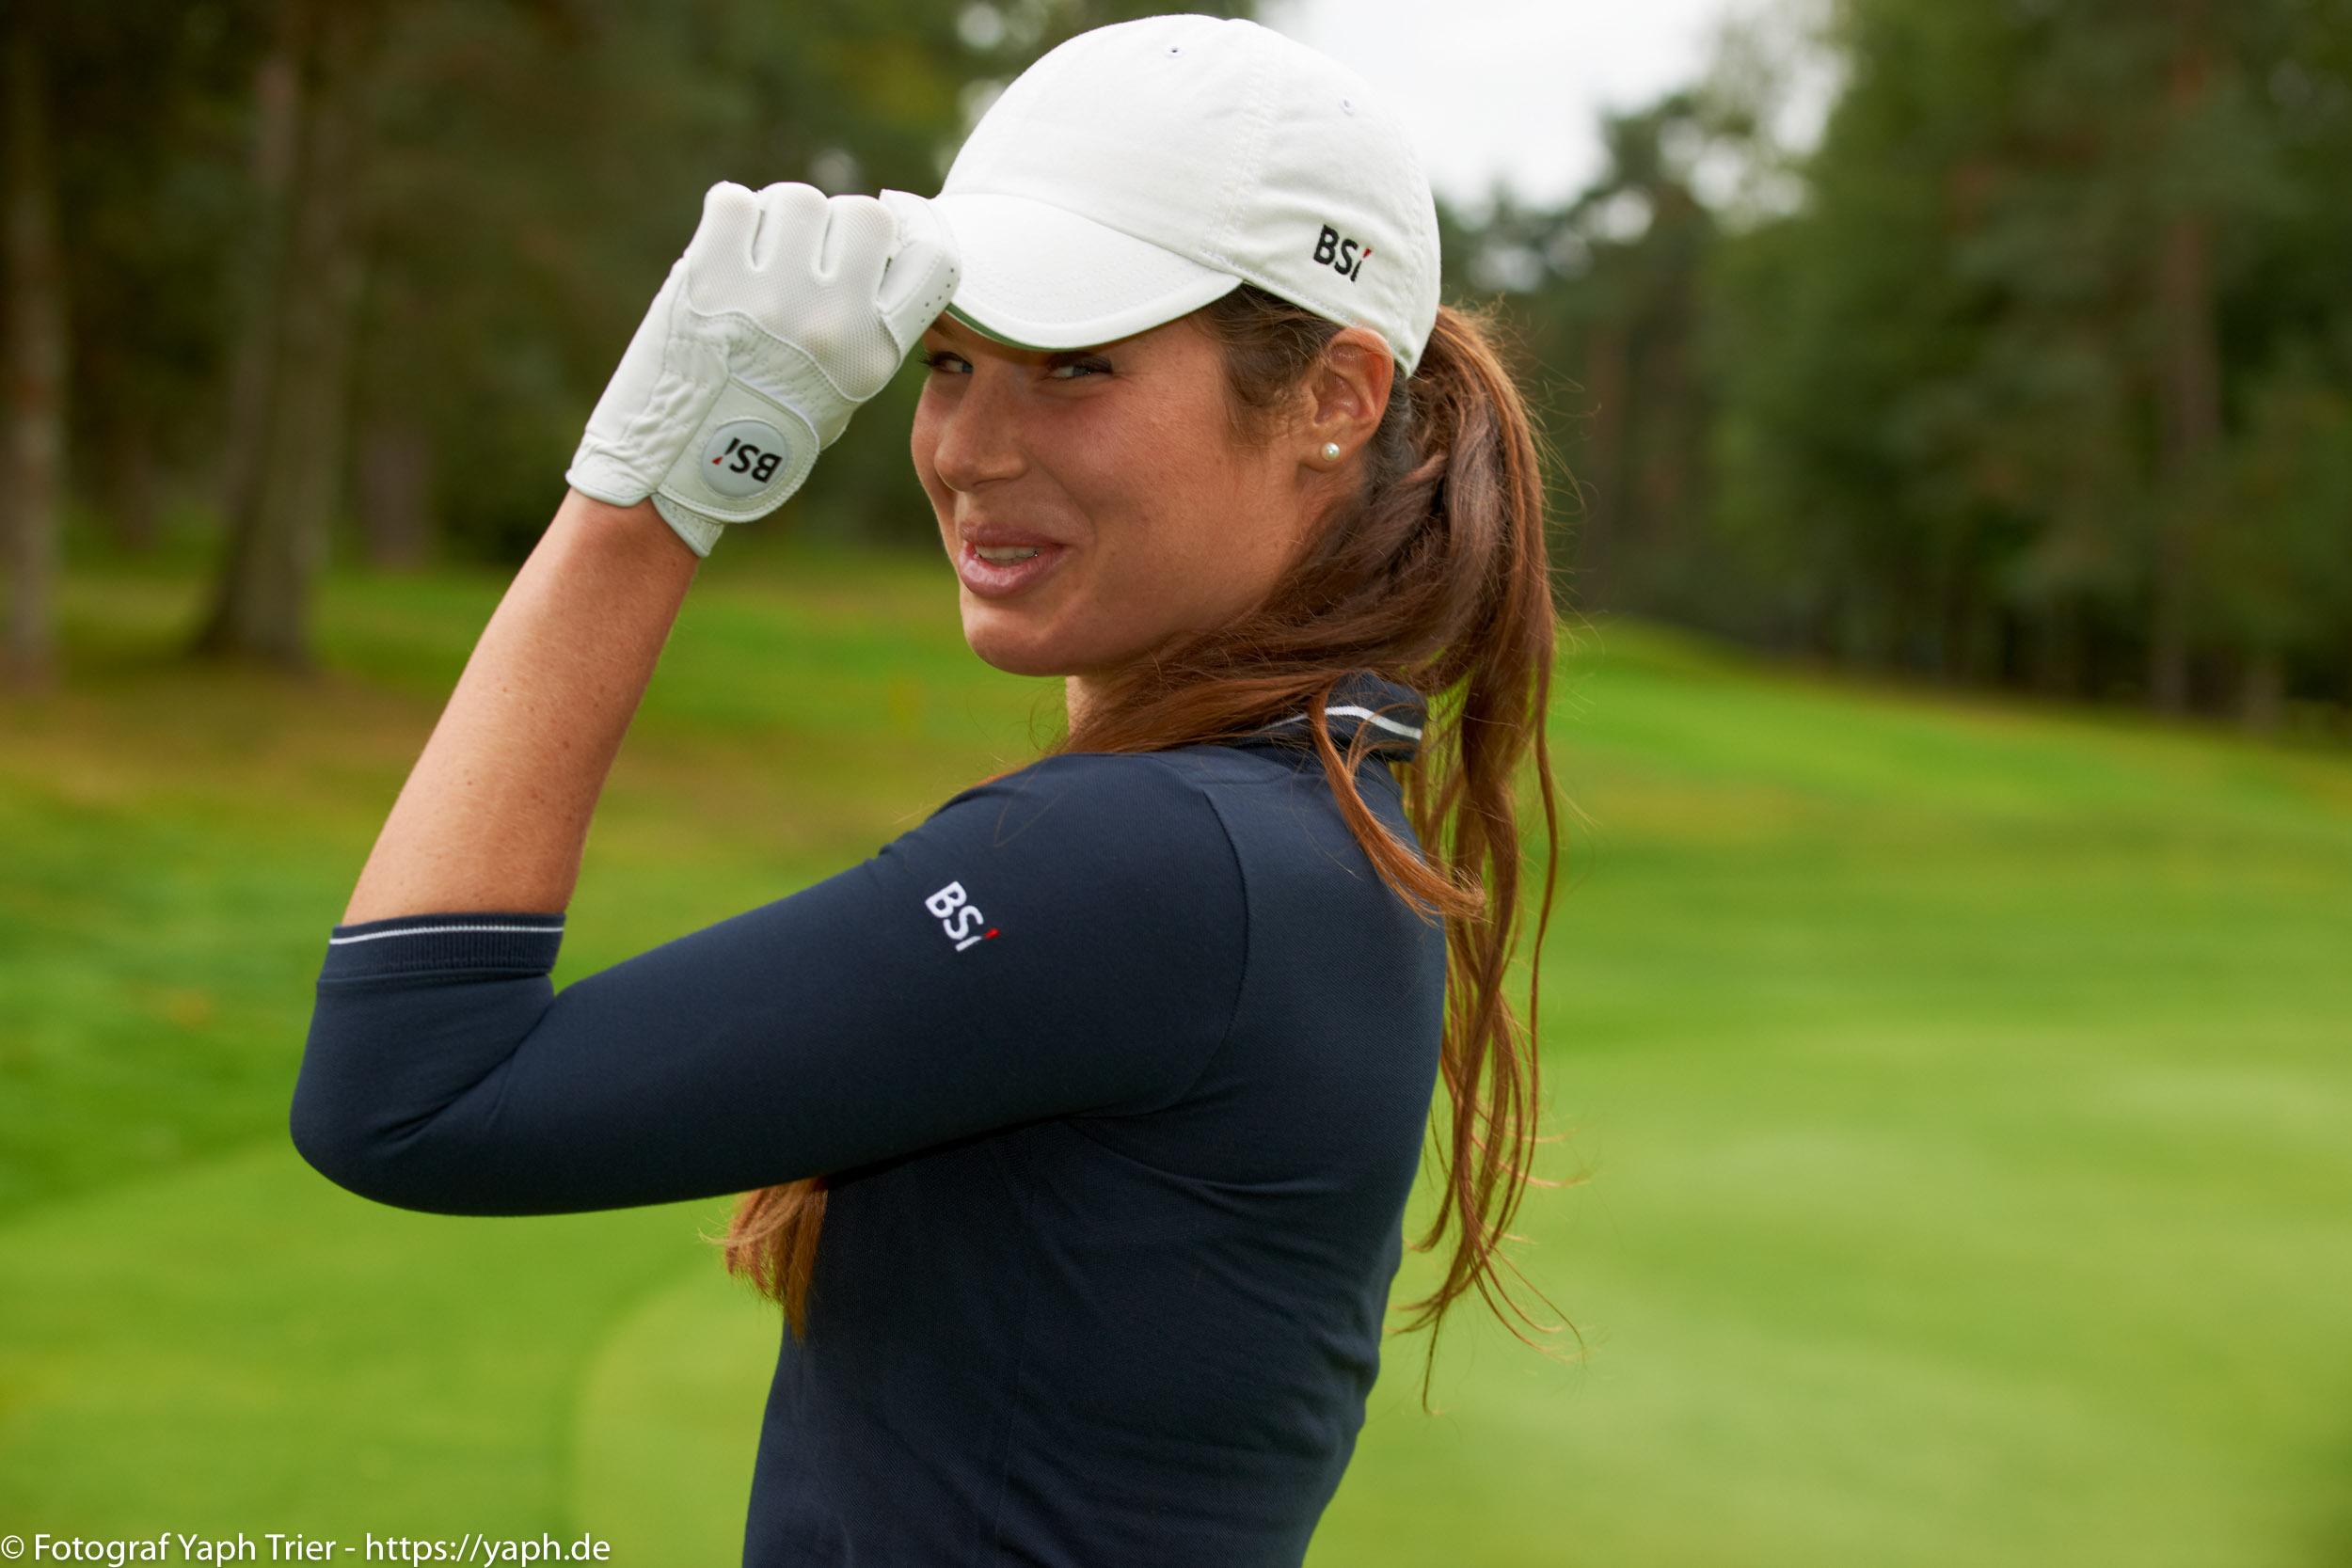 Liebelei Elena Lawrence - luxemburger Golfspielerin bei Fotograf Yaph - 35